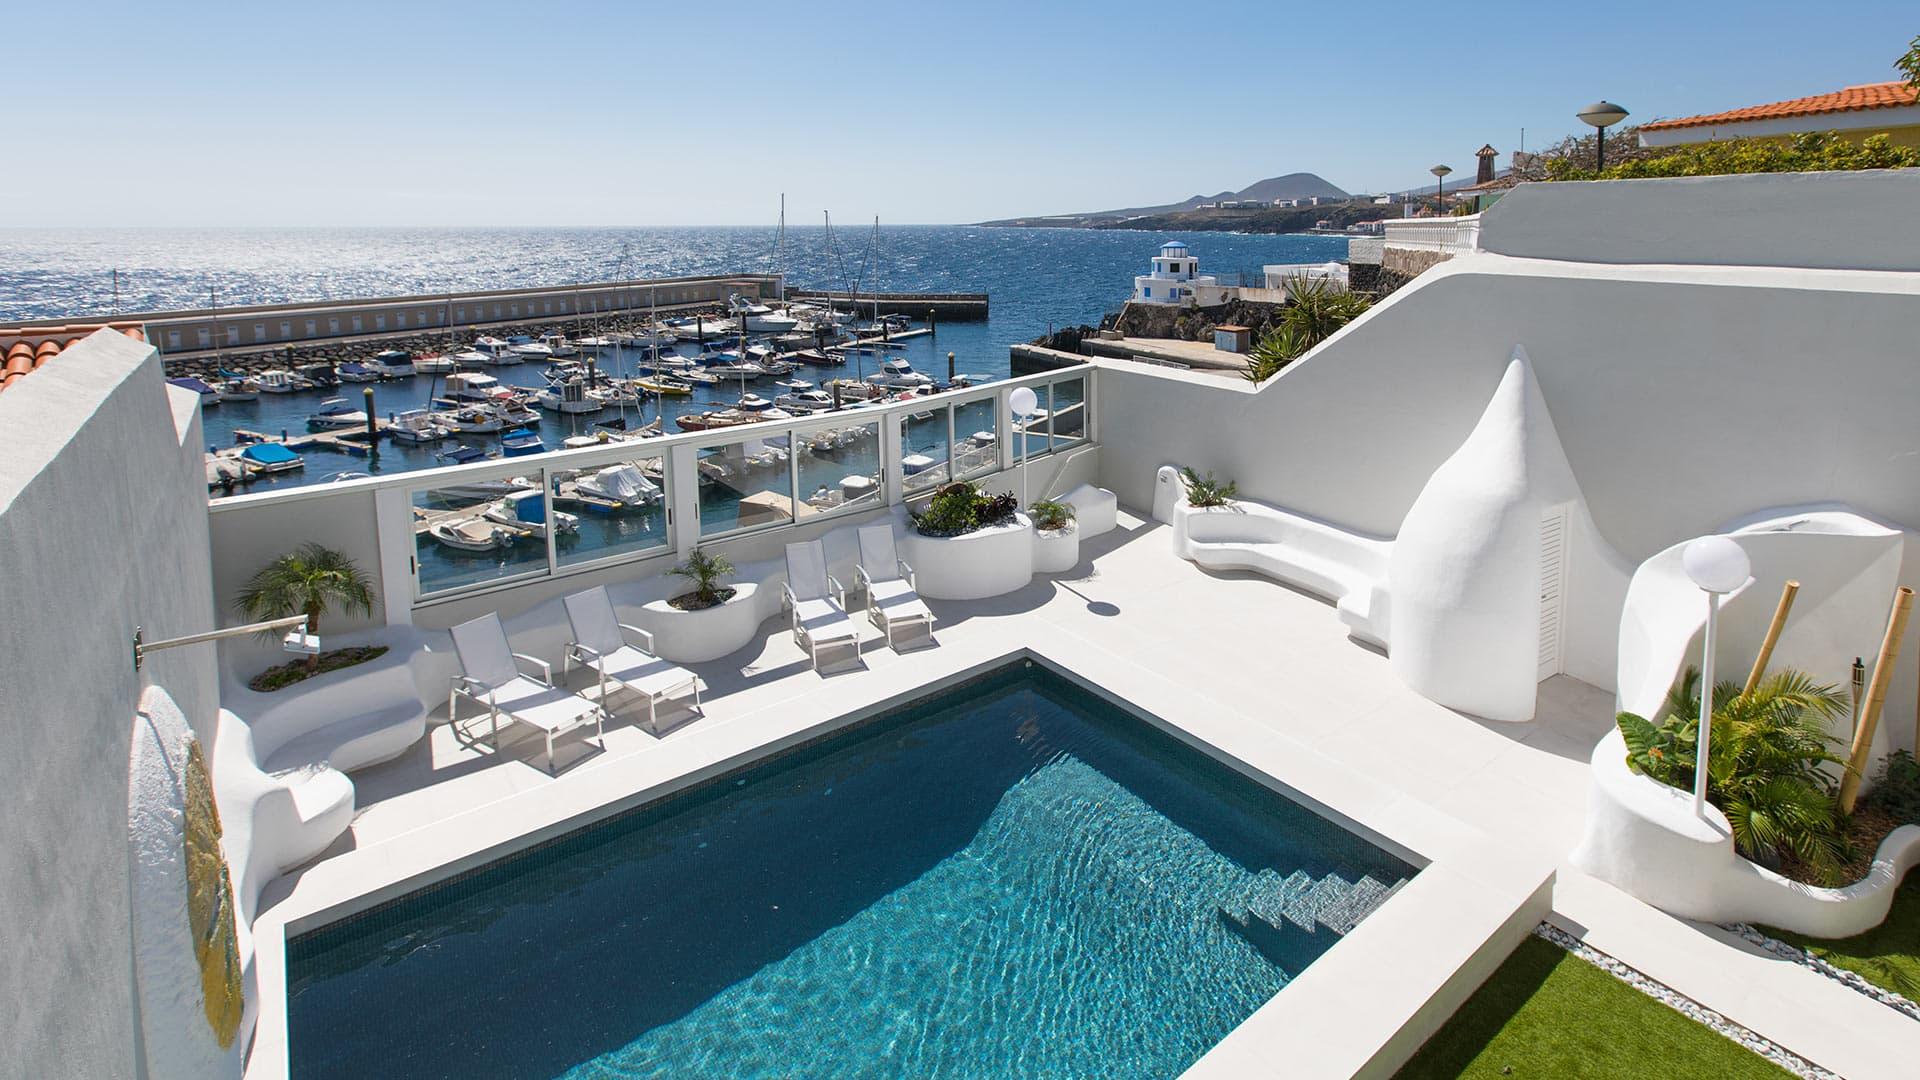 Villa Bayomare - Villa in affitto a Isole Canarie, Santa ...